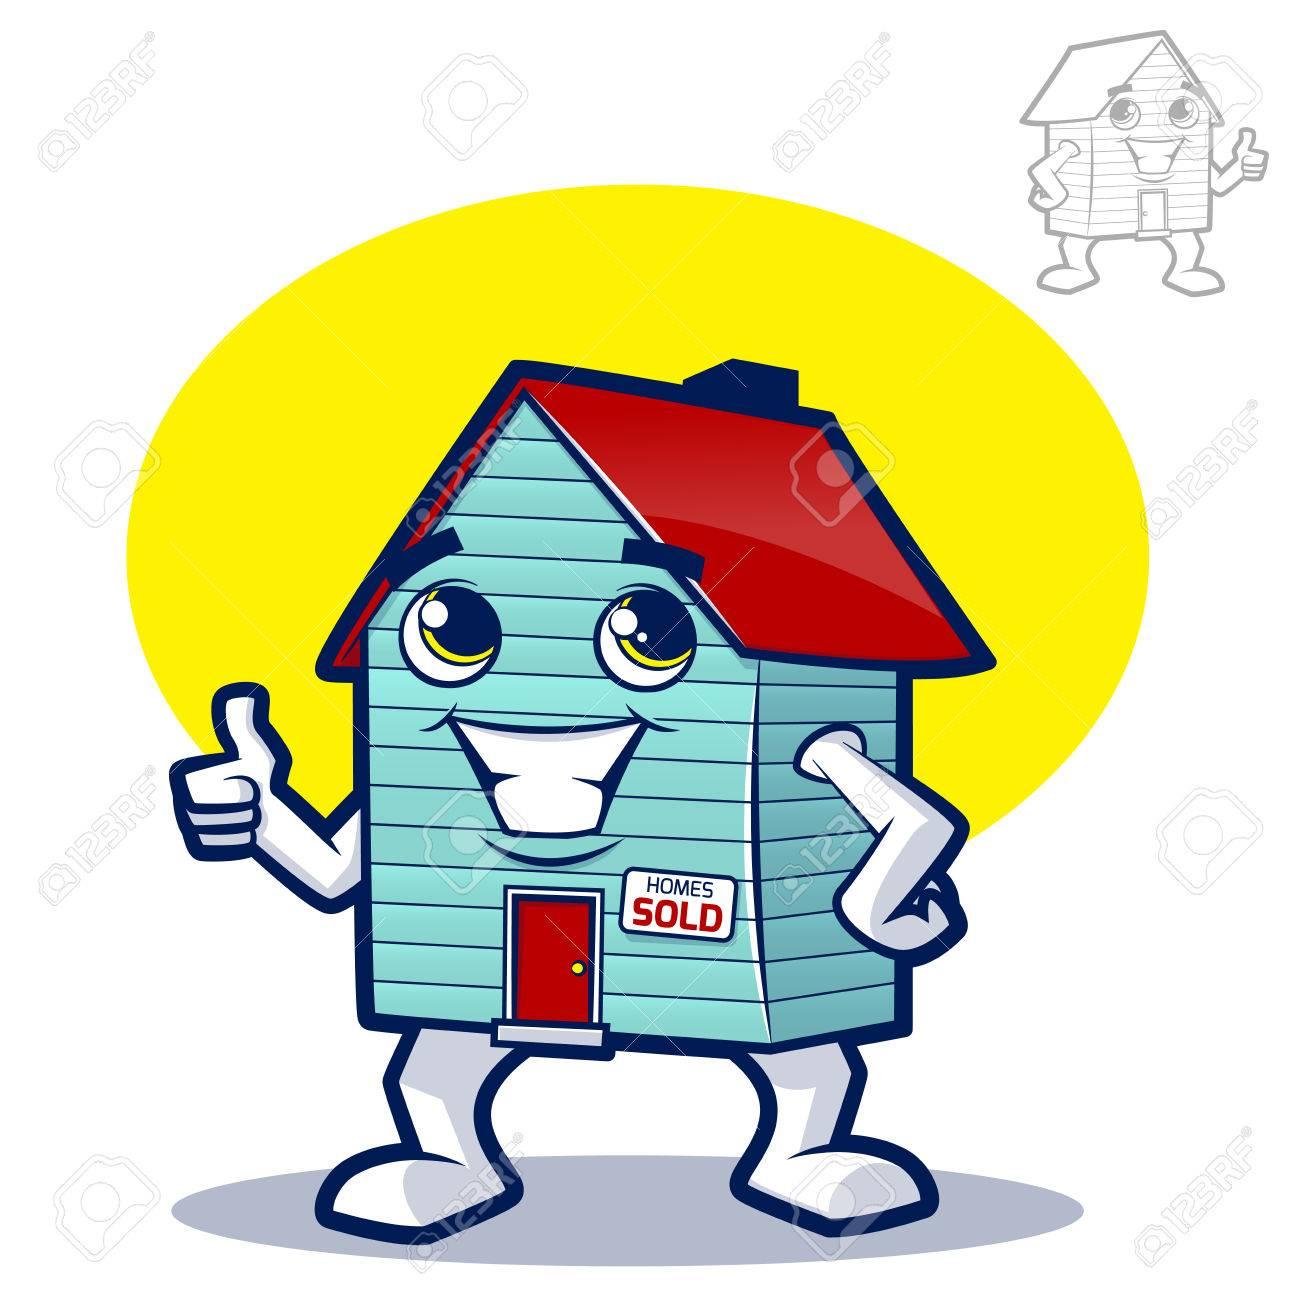 ilustración de dibujos animados para la casa de bienes raíces o de ... - Bienes Inmuebles Dibujos